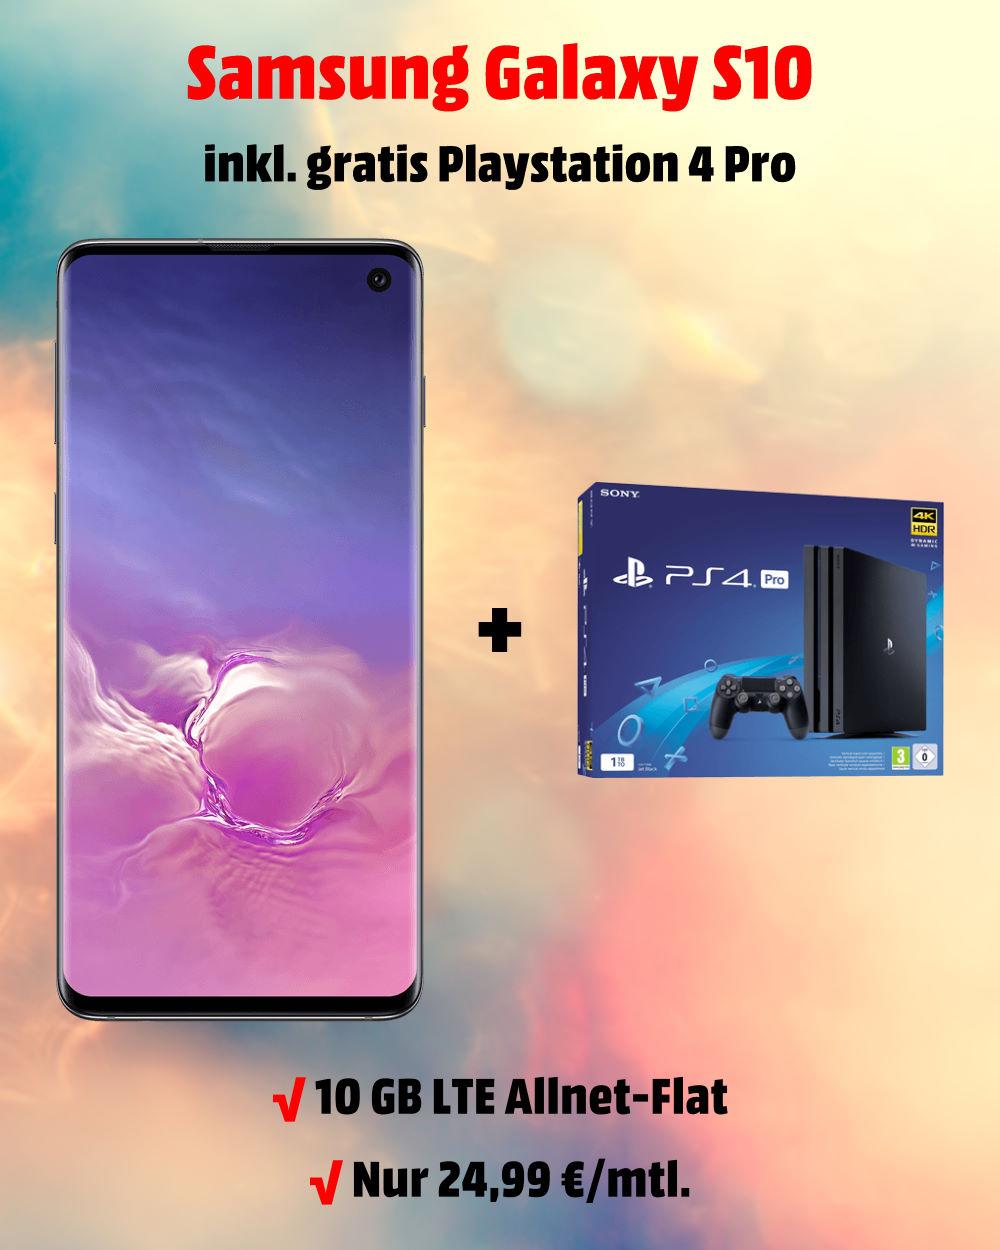 Handy-Tarifvergleich - Galaxy S10 mit Playstation 4 Pro und 10 GB LTE Allnet-Flat